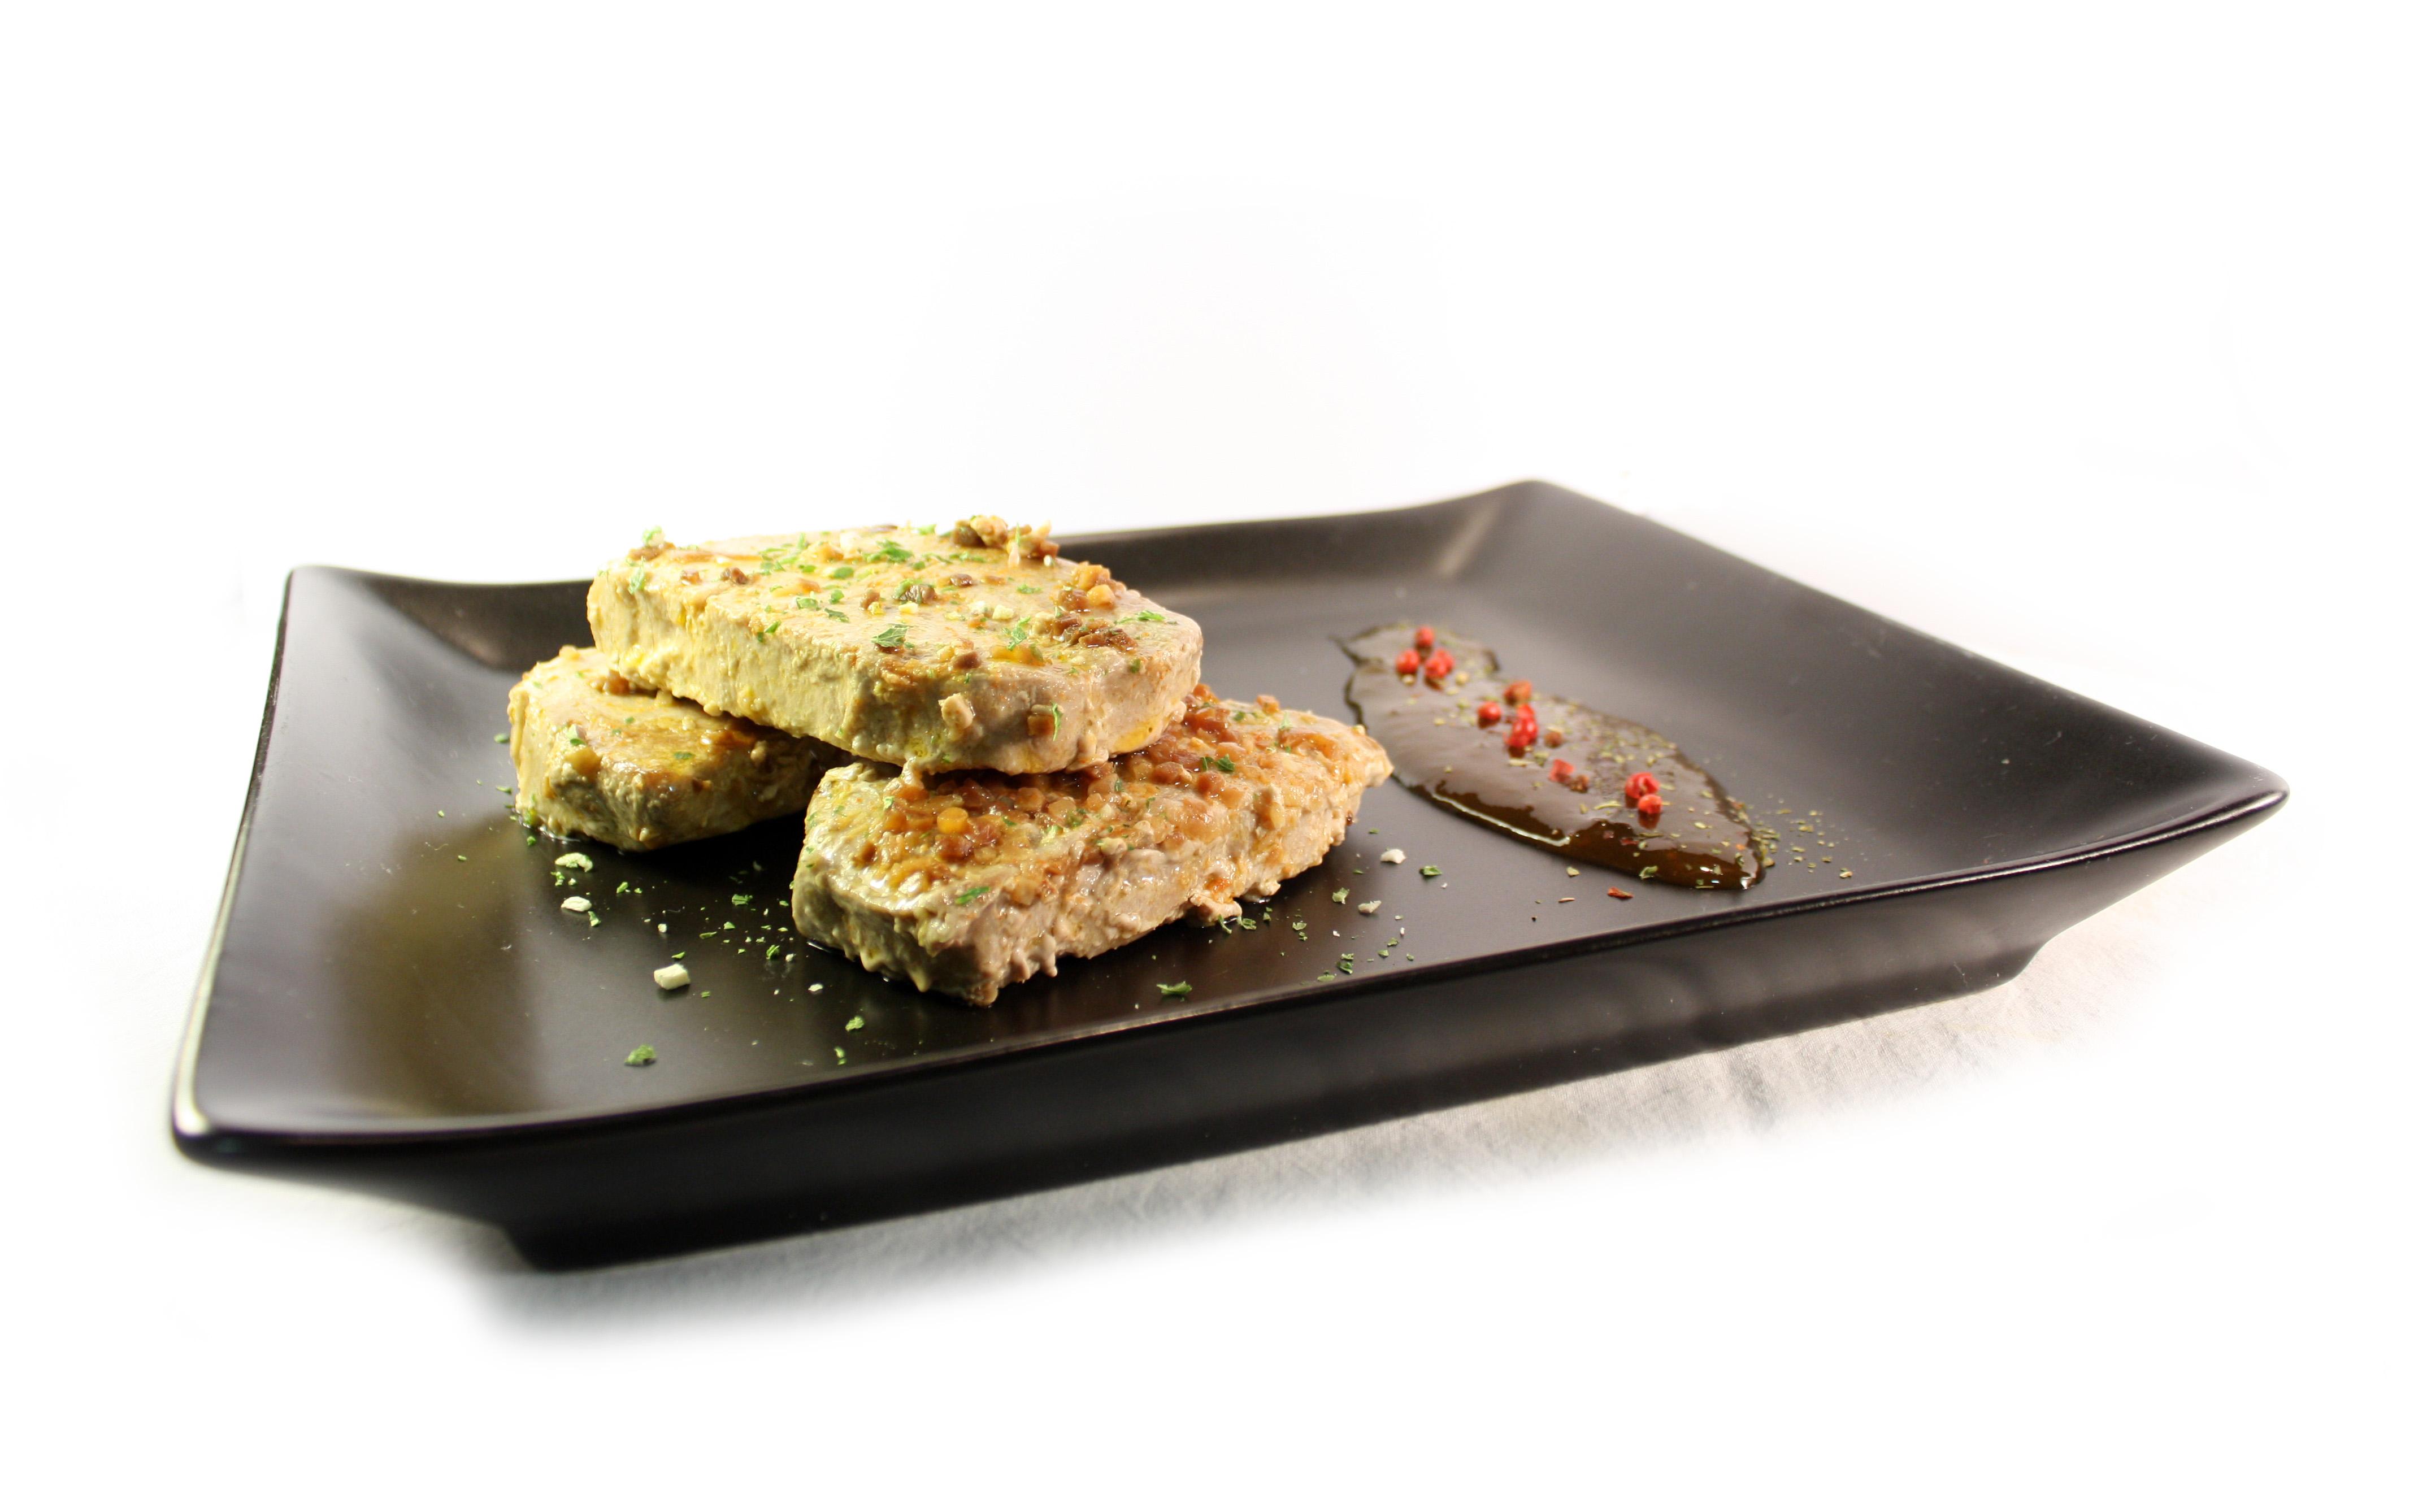 Tacos de atún con mermelada agridulce de ciruela EROSKI Sannia